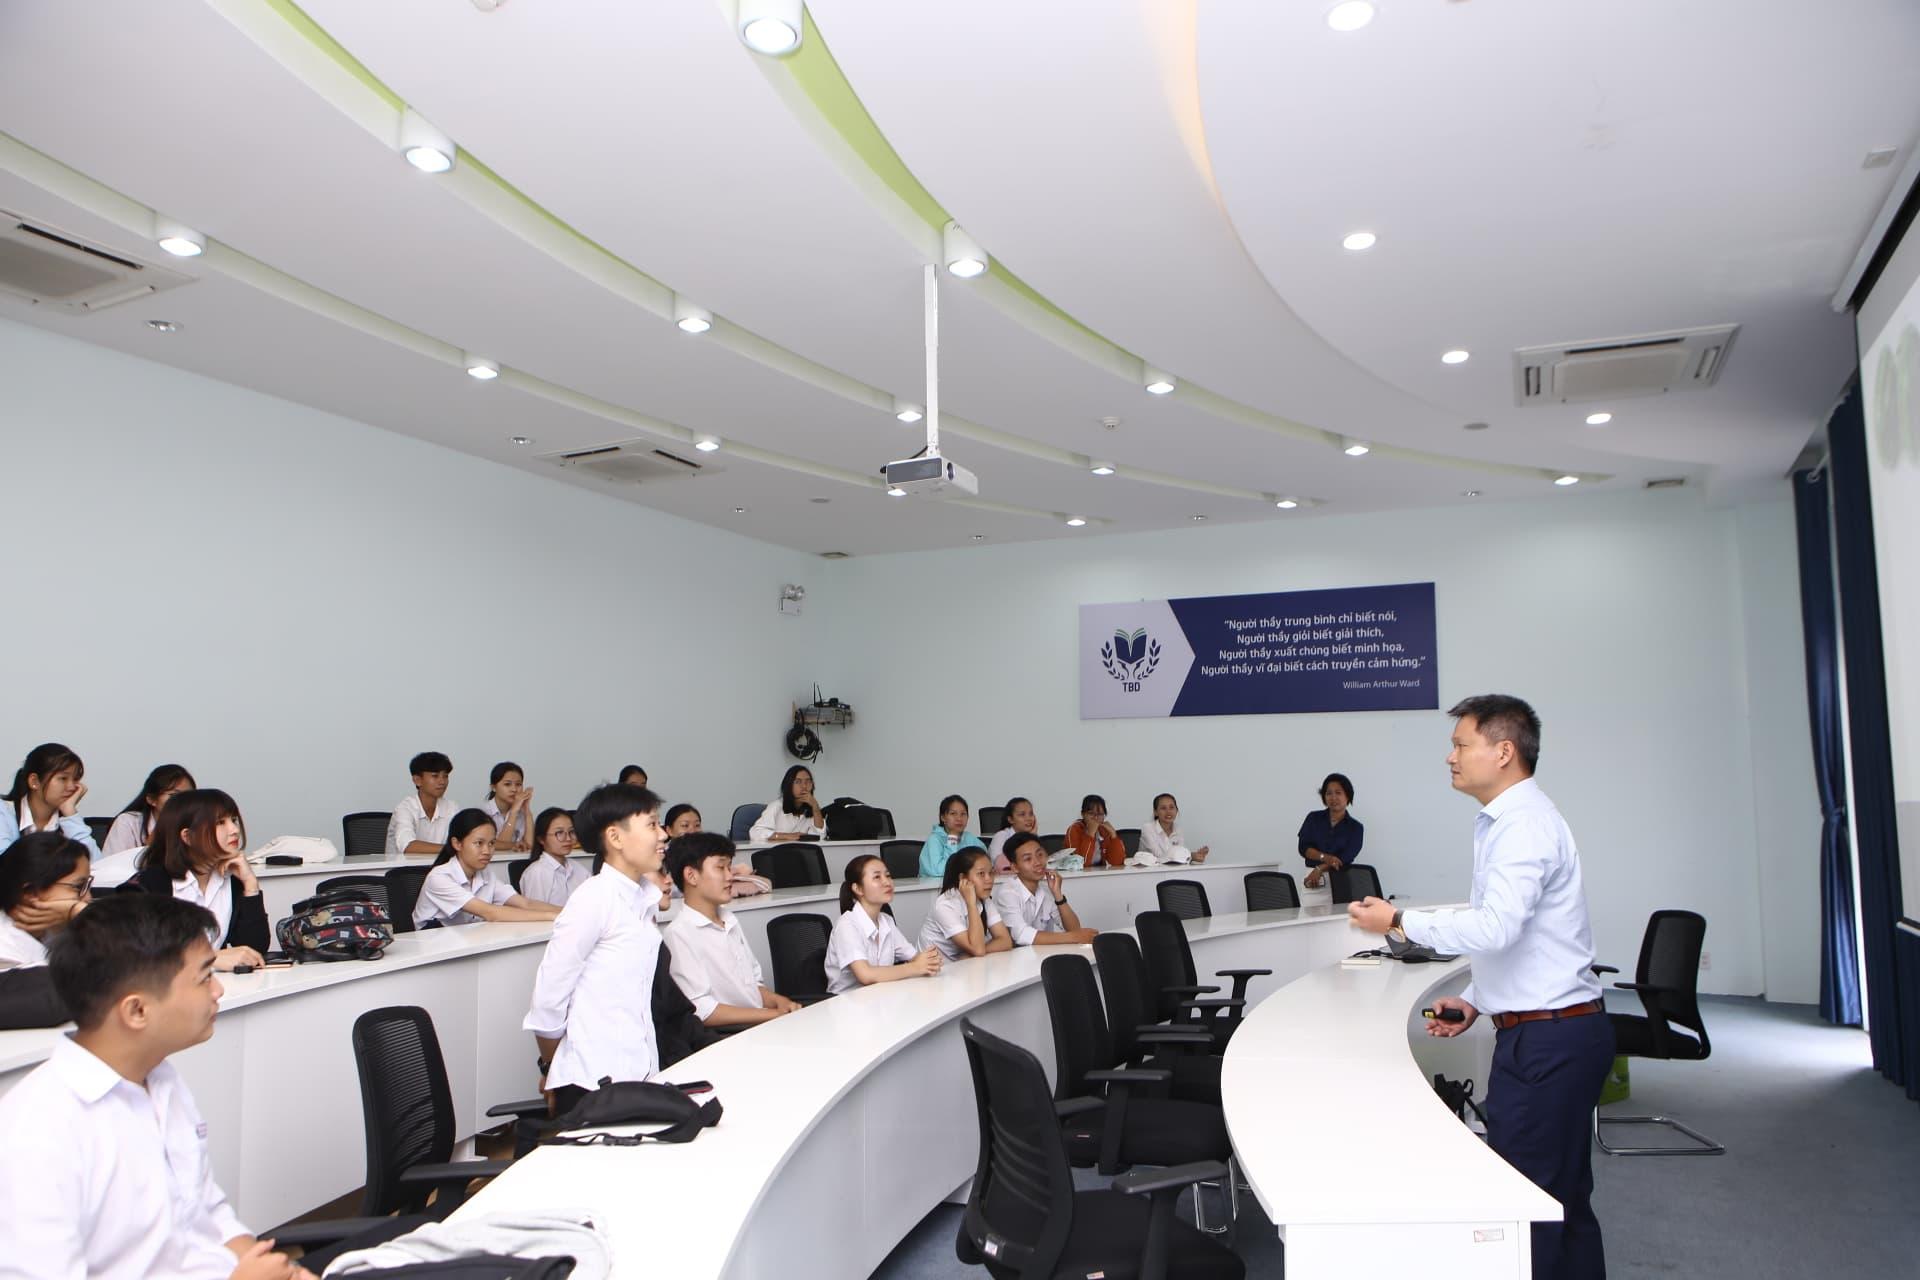 Trường Đại học Thái Bình Dương: Tổ chức hoạt động trải nghiệm cho hơn 200 học sinh THPT